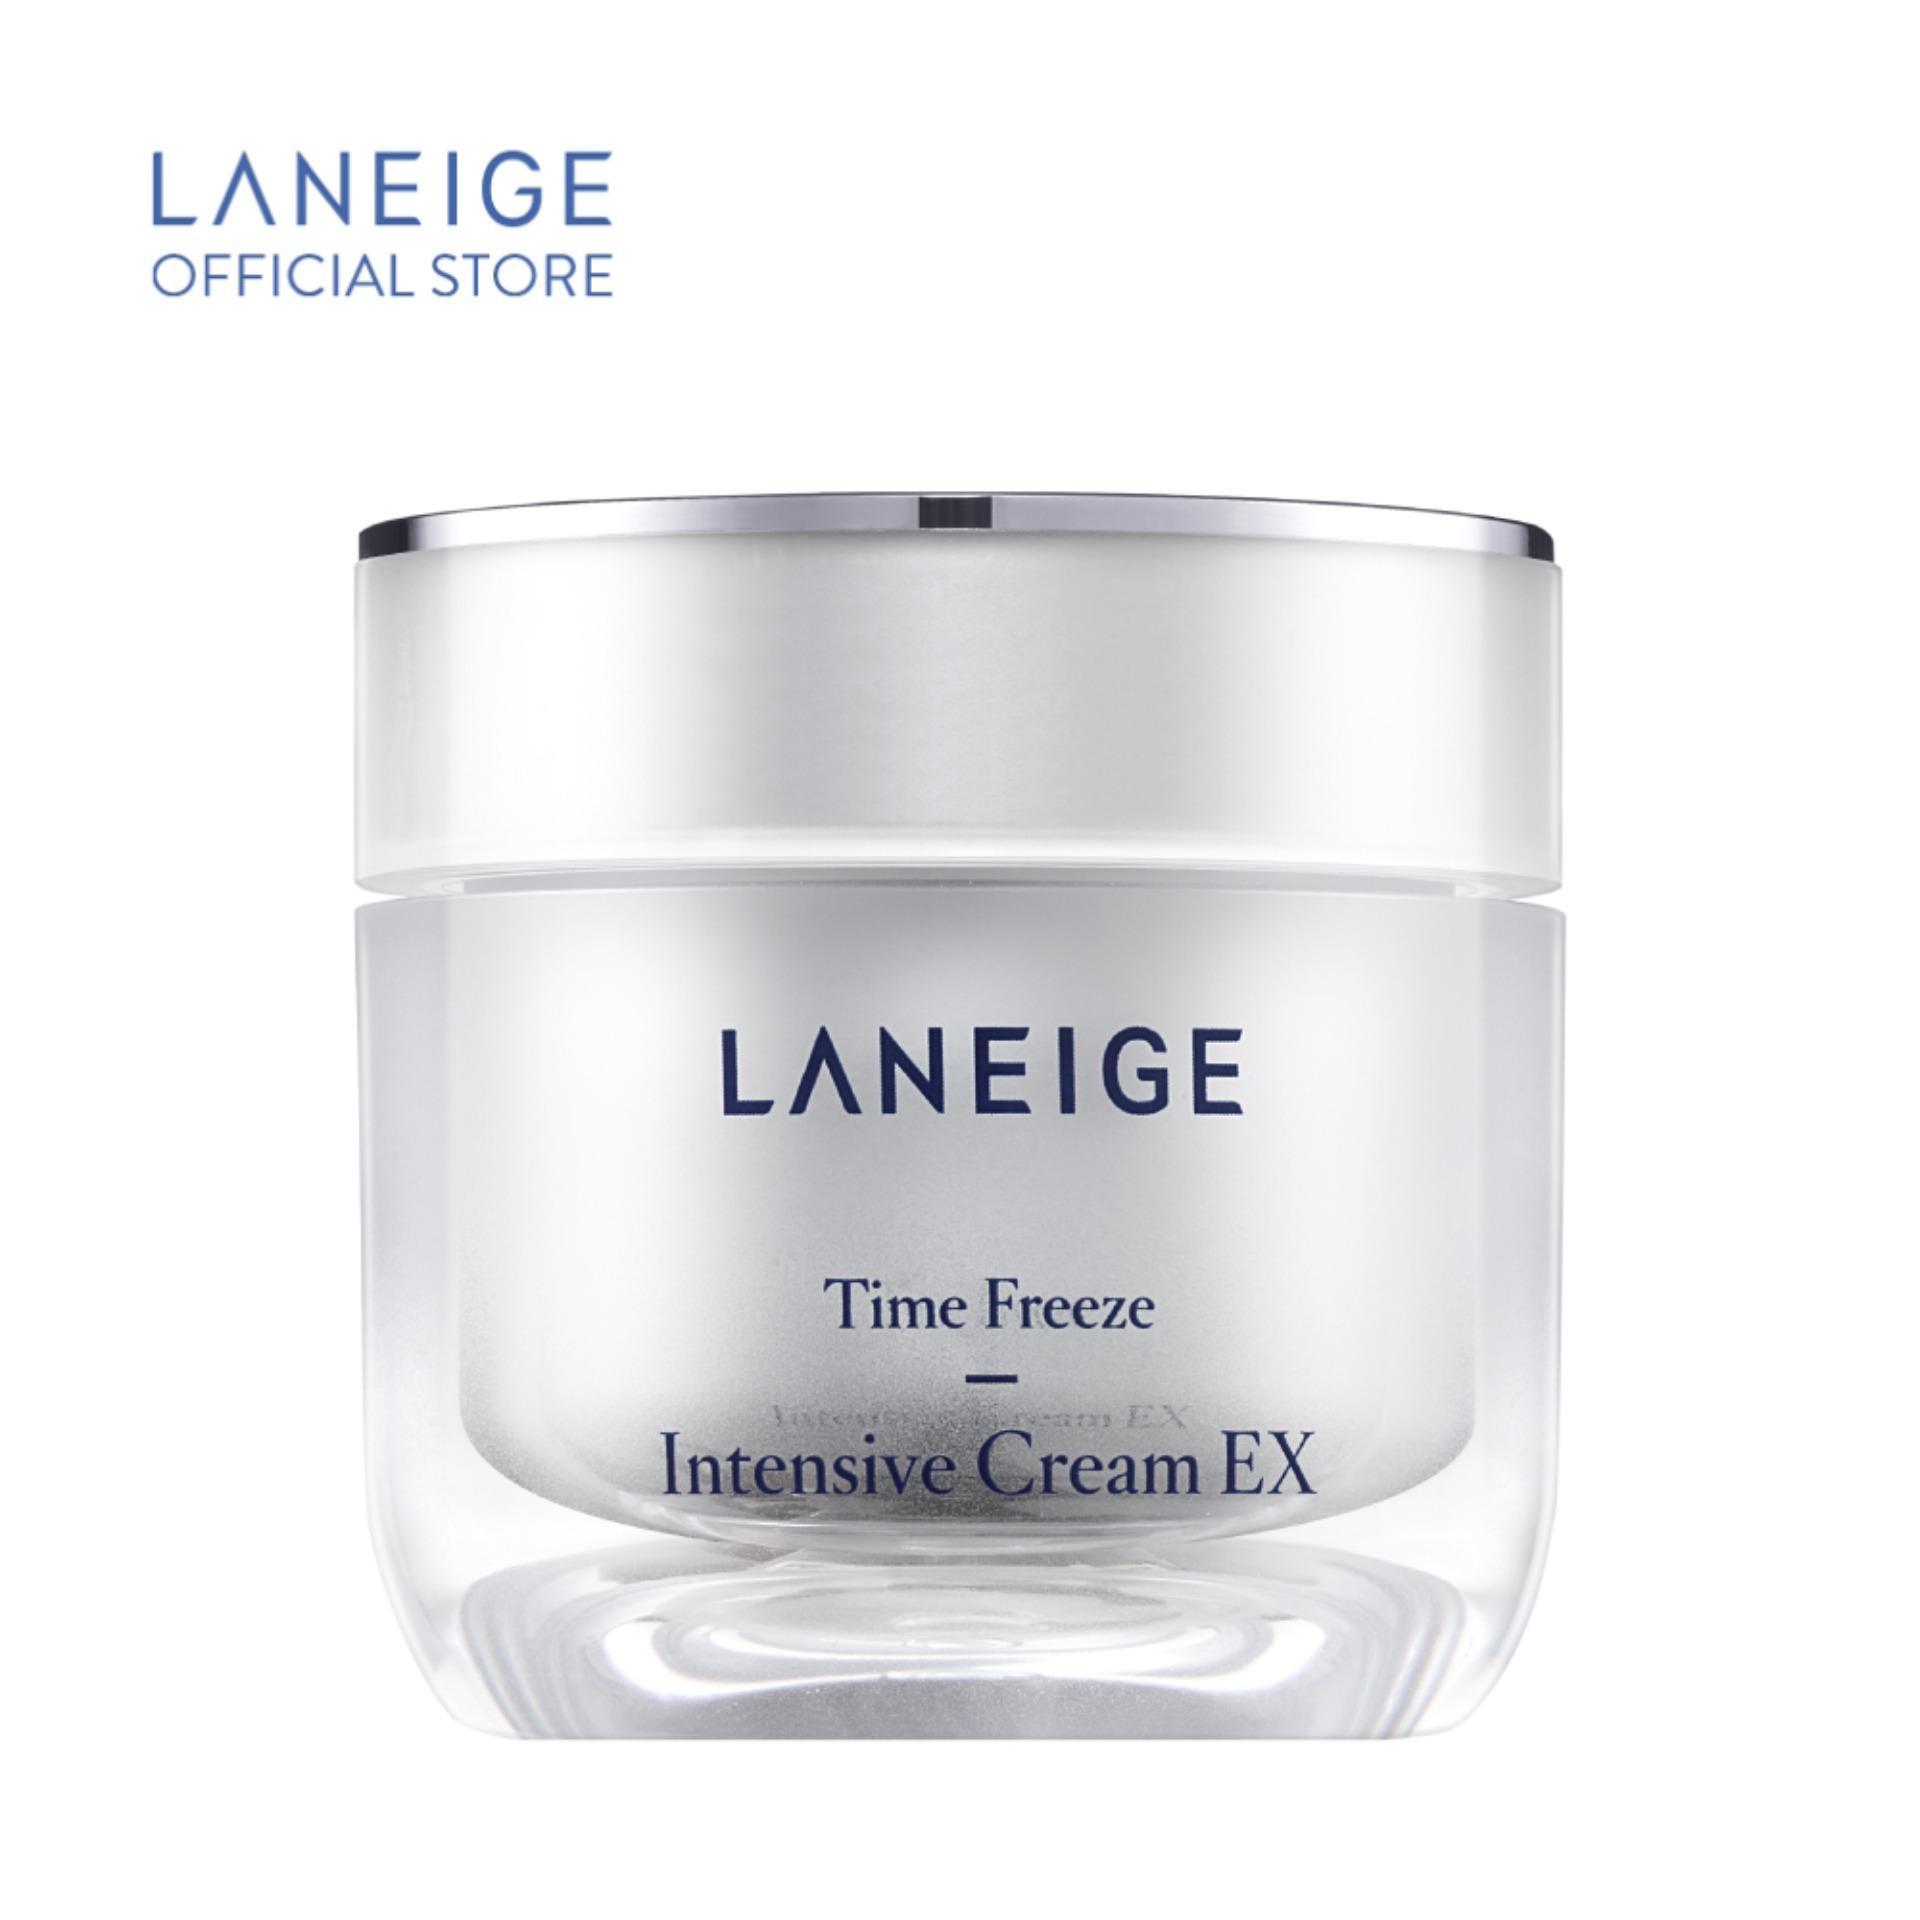 Kem dưỡng ngăn ngừa lão hoá da Laneige Time Freeze Intensive Cream Ex 50ml